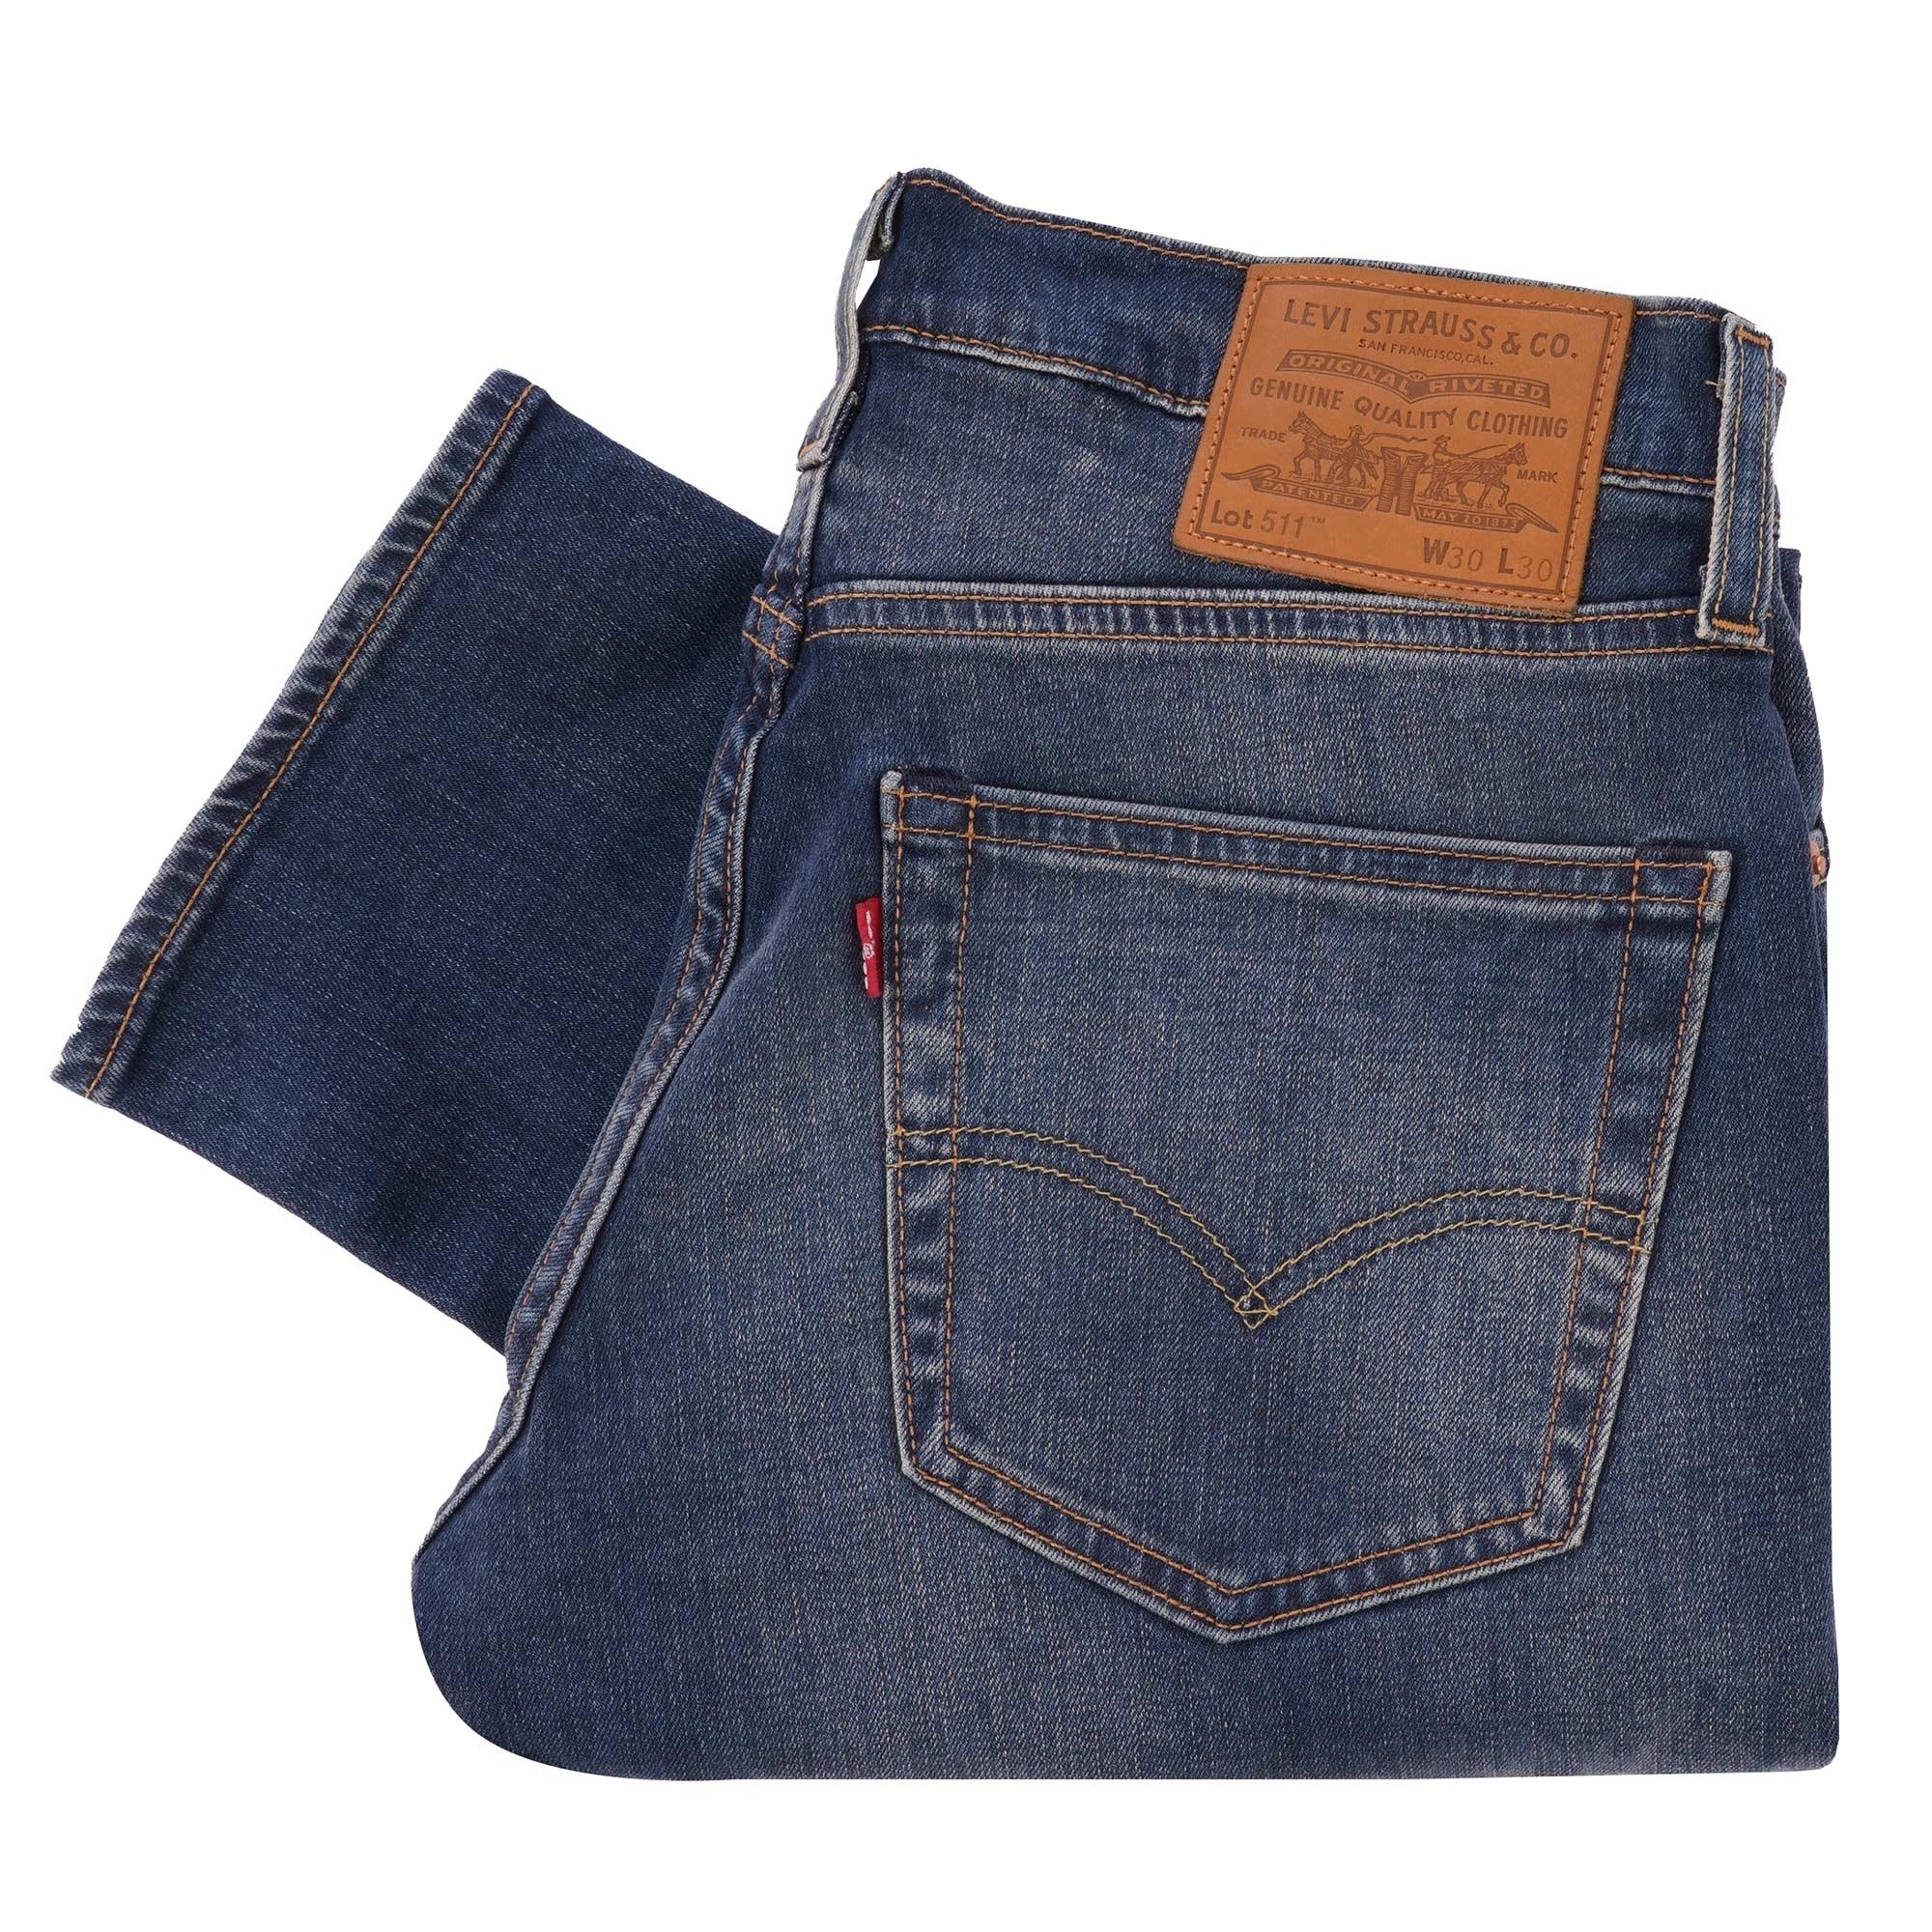 511 Slim Fit Thermadapt Jeans - Casbian Adapt